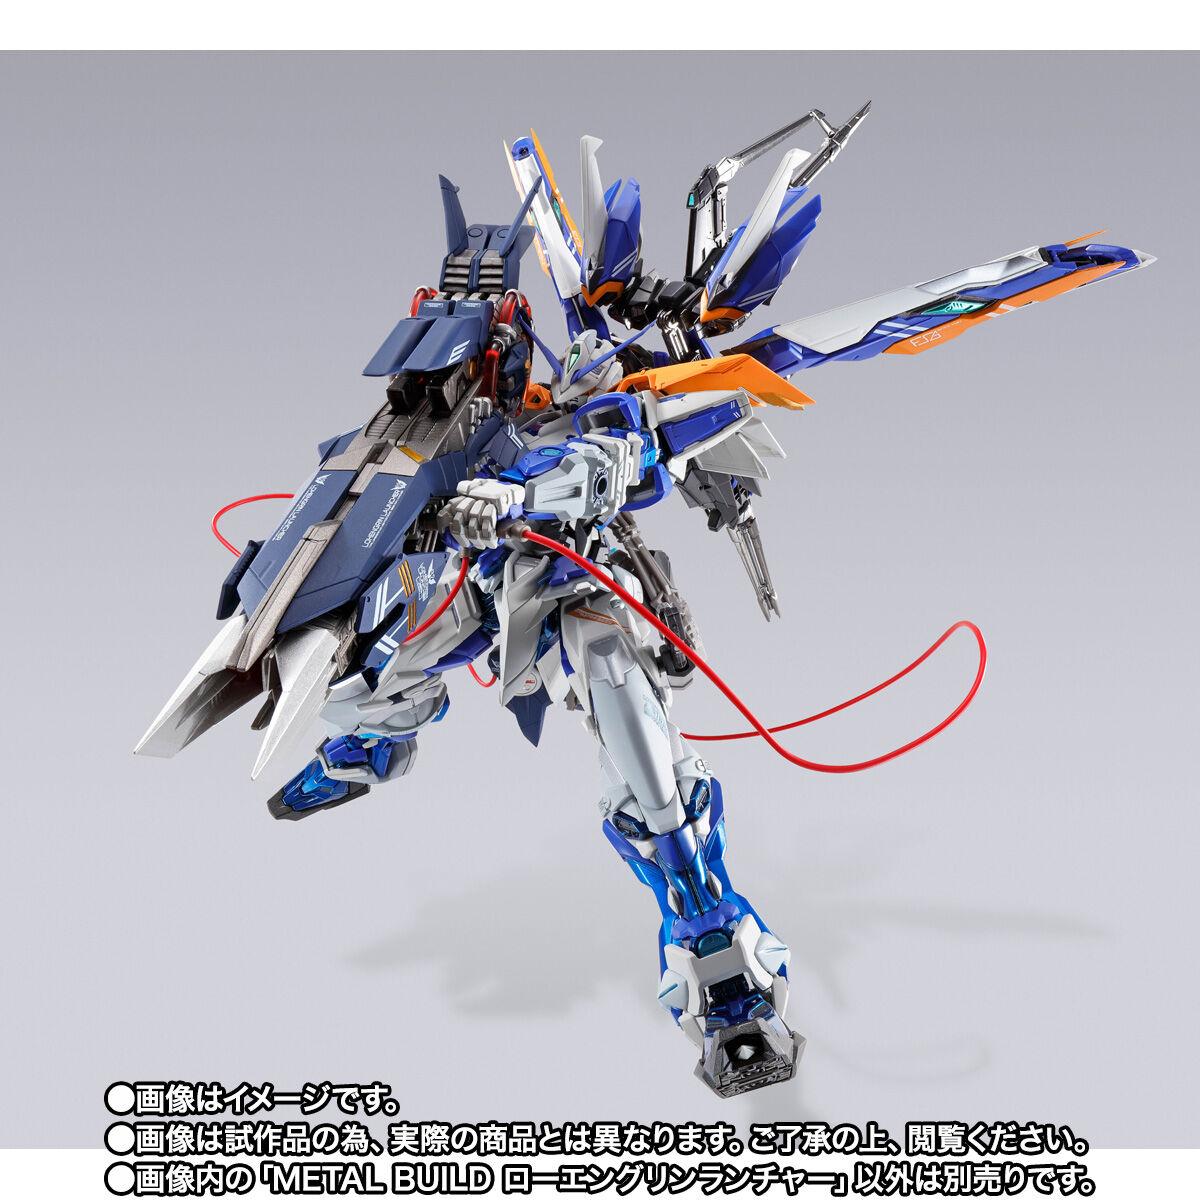 【限定販売】METAL BUILD『ローエングリンランチャー』機動戦士ガンダムSEED ASTRAY 可動フィギュア-003